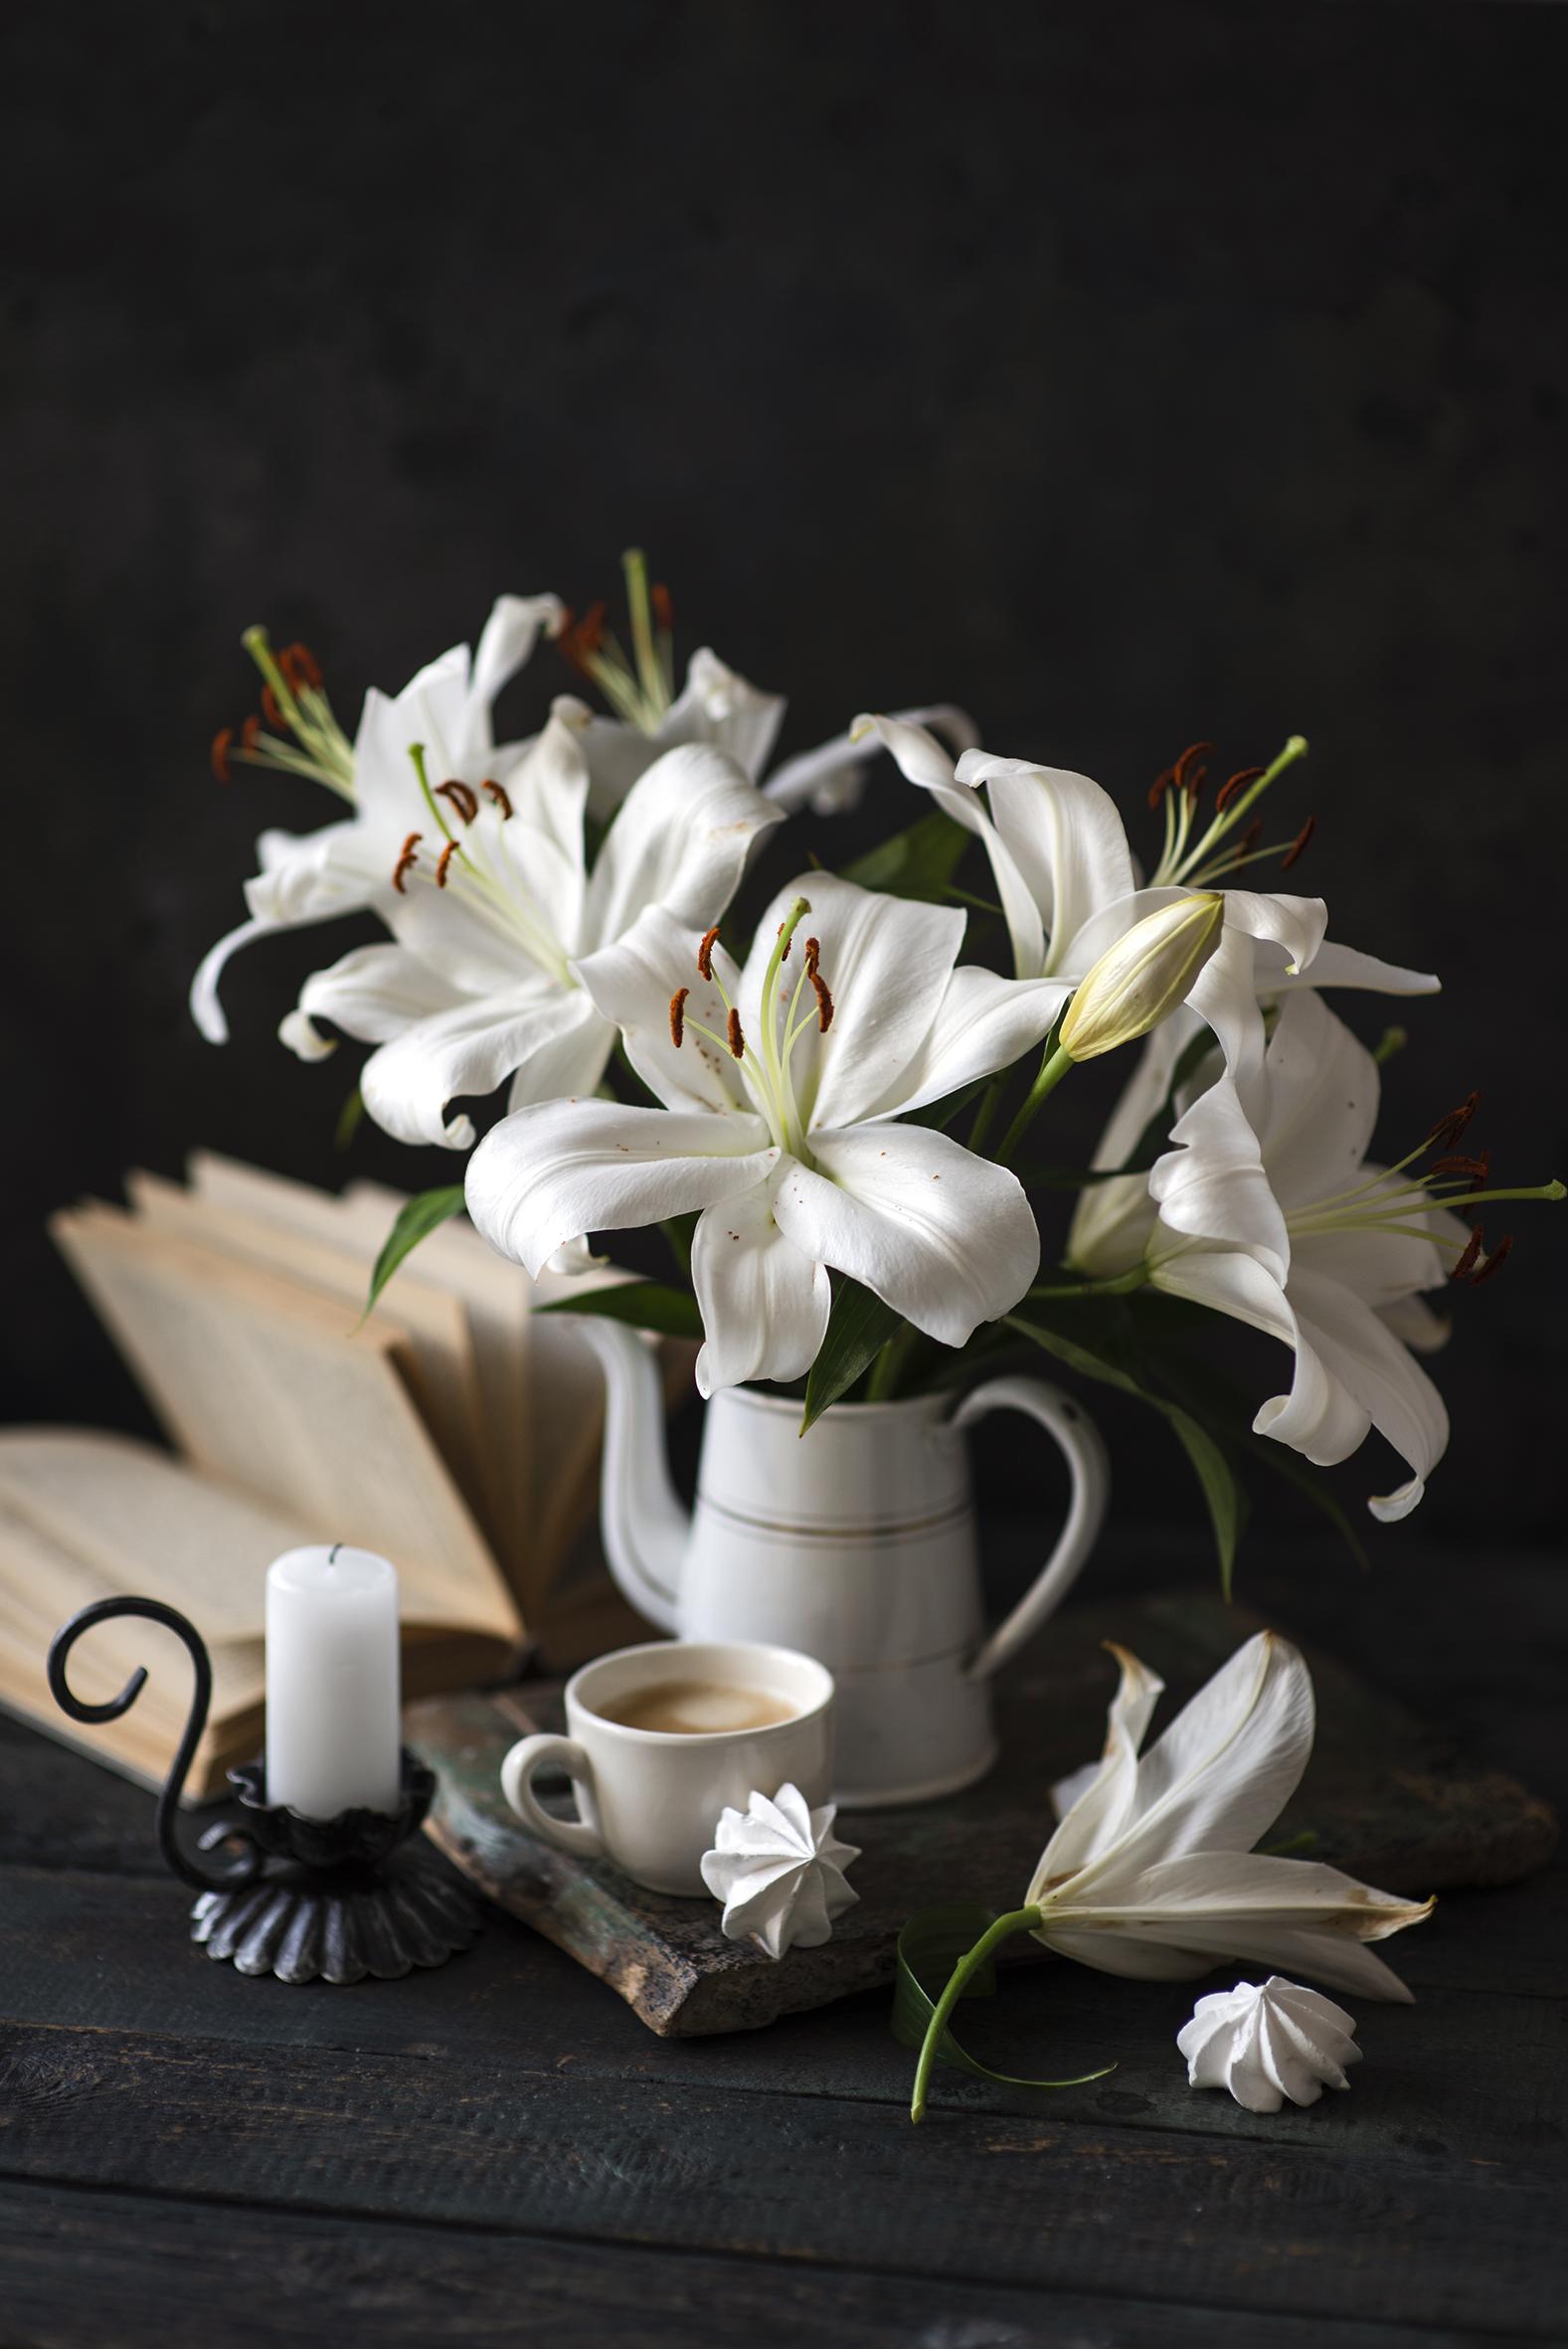 Natureza-morta Lírio Velas Café Zefir Cappuccino Tábuas de madeira Vaso Branco Chávena comida, flor Flores Alimentos para celular Telemóvel